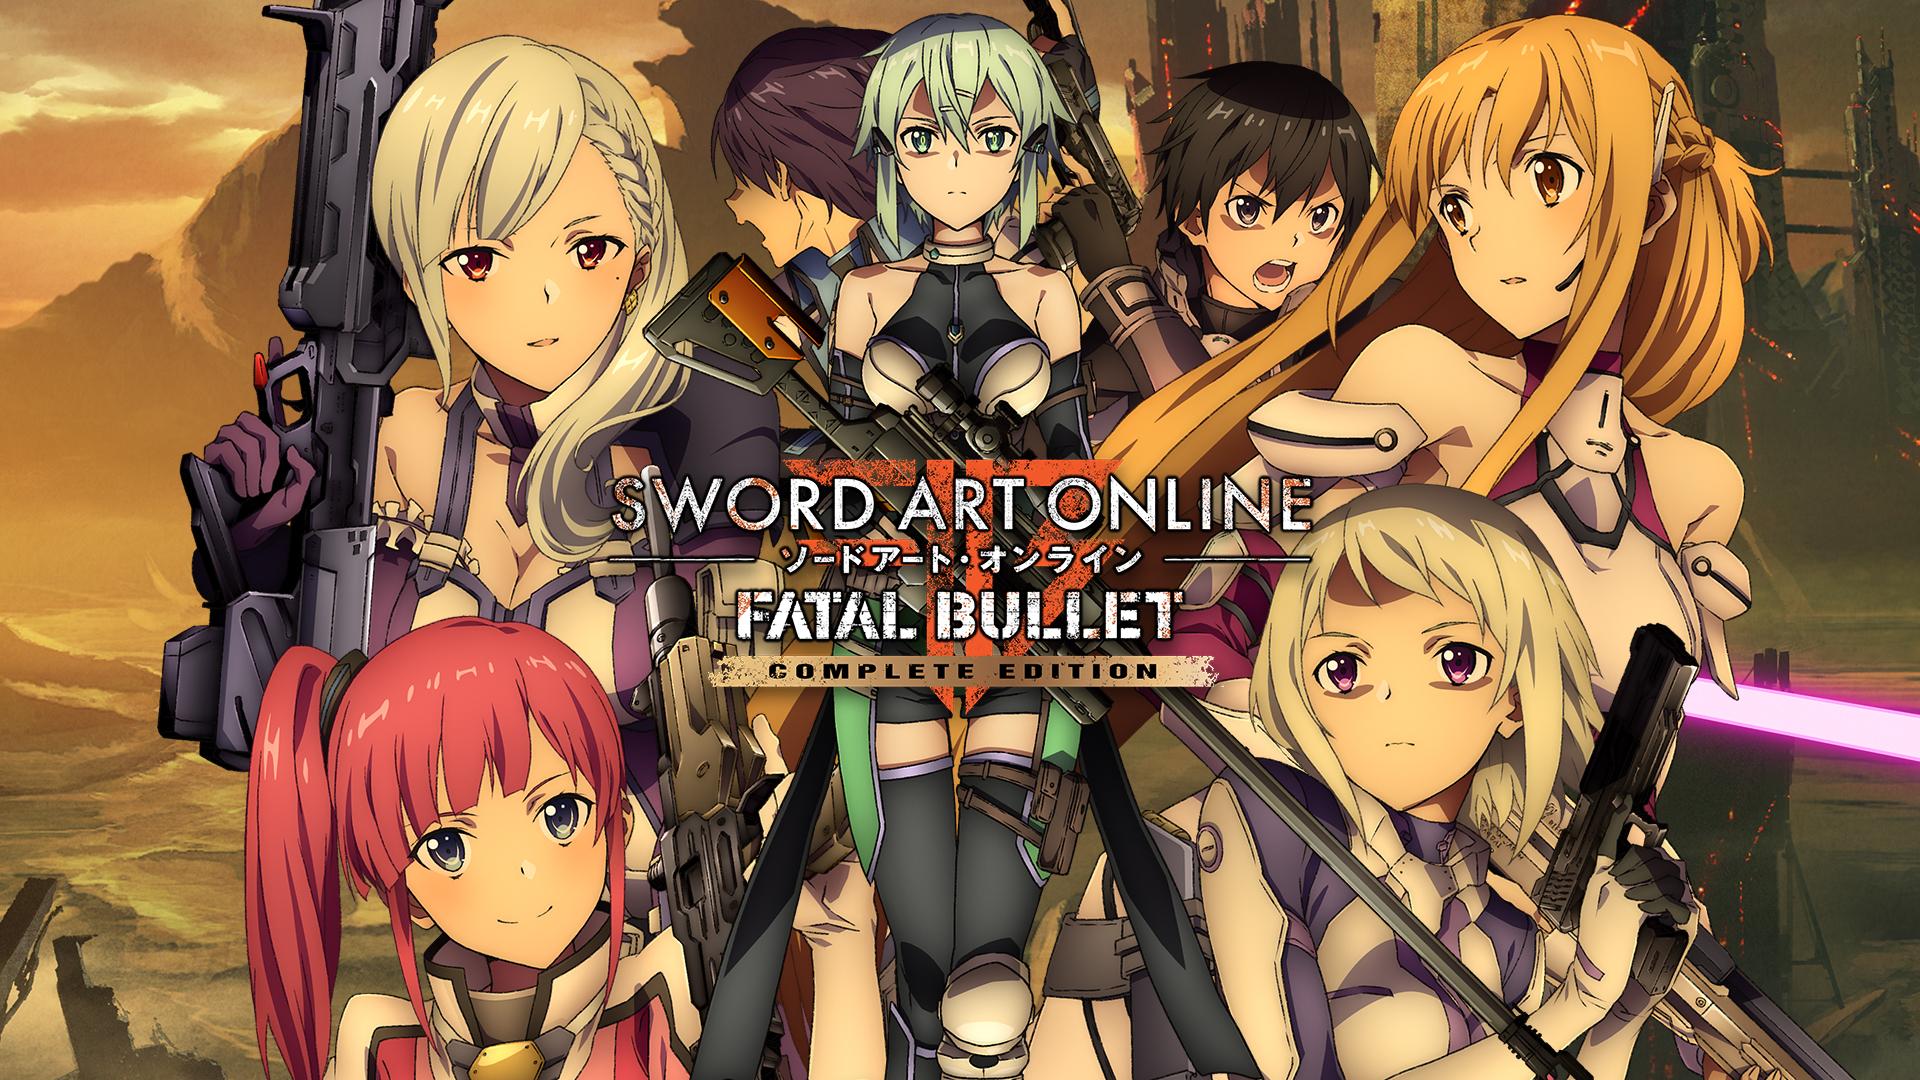 Sword Art Online: Fatal Bullet (Eshop Usa)